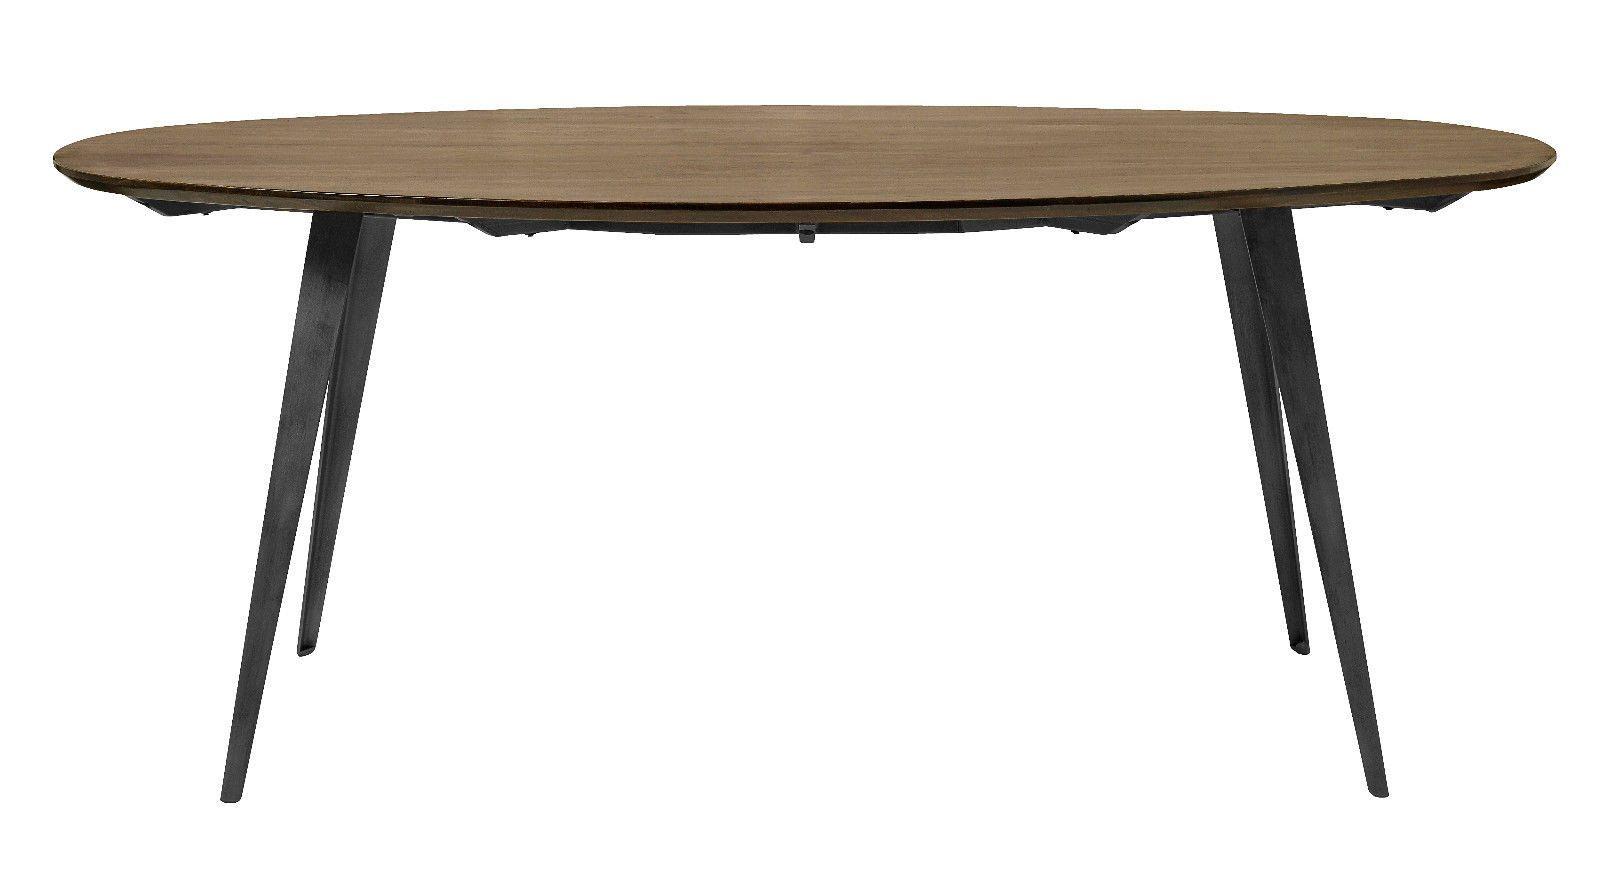 Esstisch oval 240 x 100 cm Mango Massivholz Metallgestell